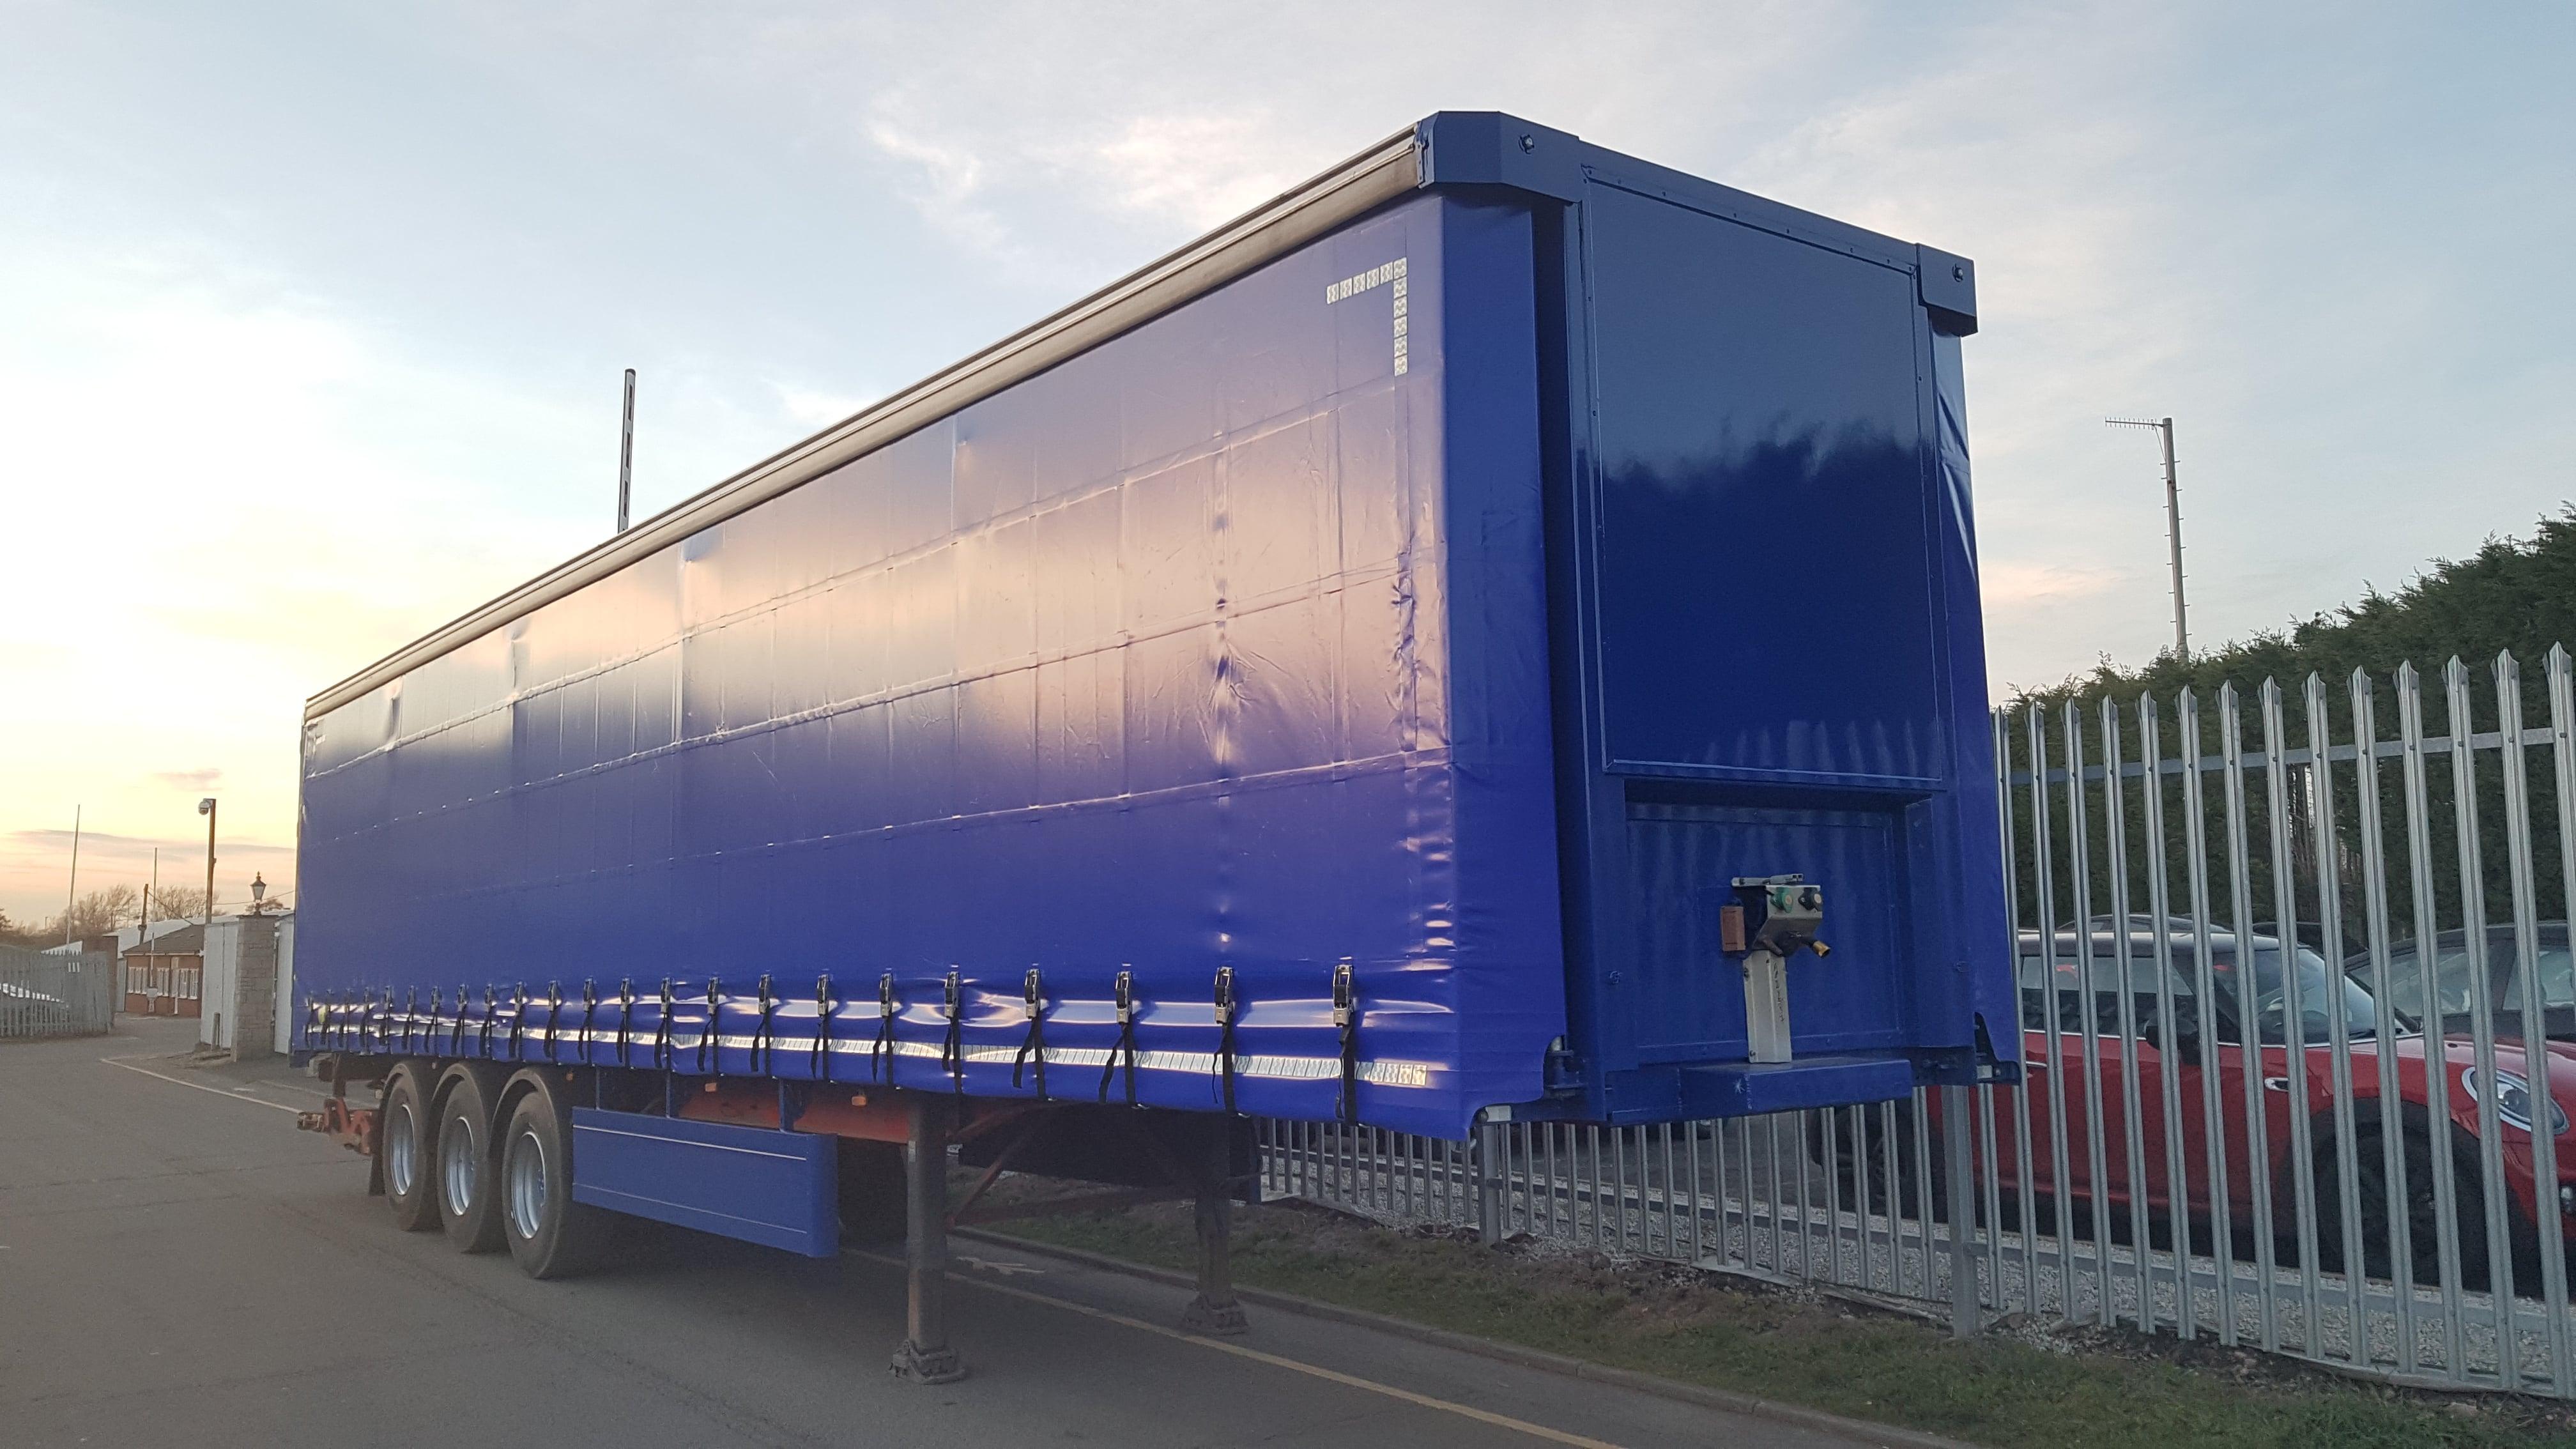 2011 SDC, 4.05m External height, 2.52m Internal Height, SAF Axles Drum Brakes, Flush Doors, Keruing Floor, Refurbished in Blue.